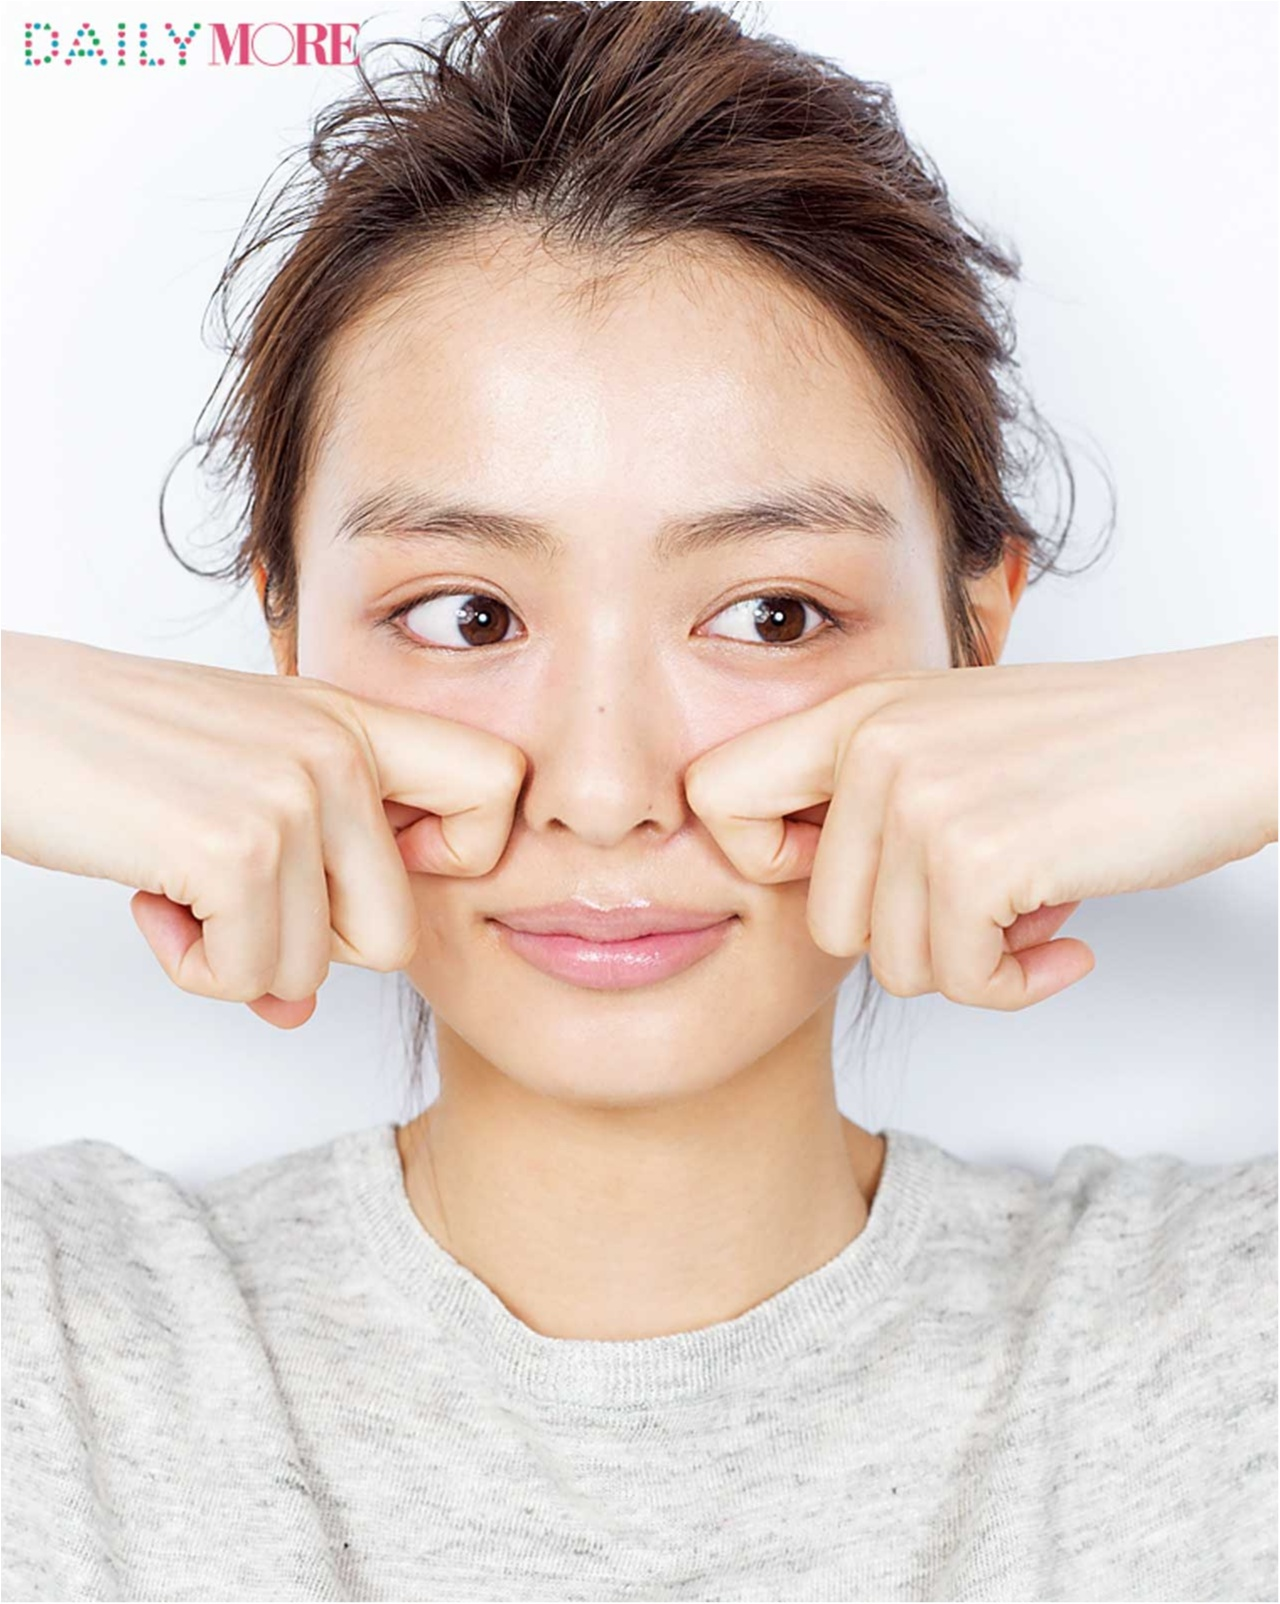 小顔マッサージ特集 - すぐにできる! むくみやたるみを解消してすっきり小顔を手に入れる方法_76